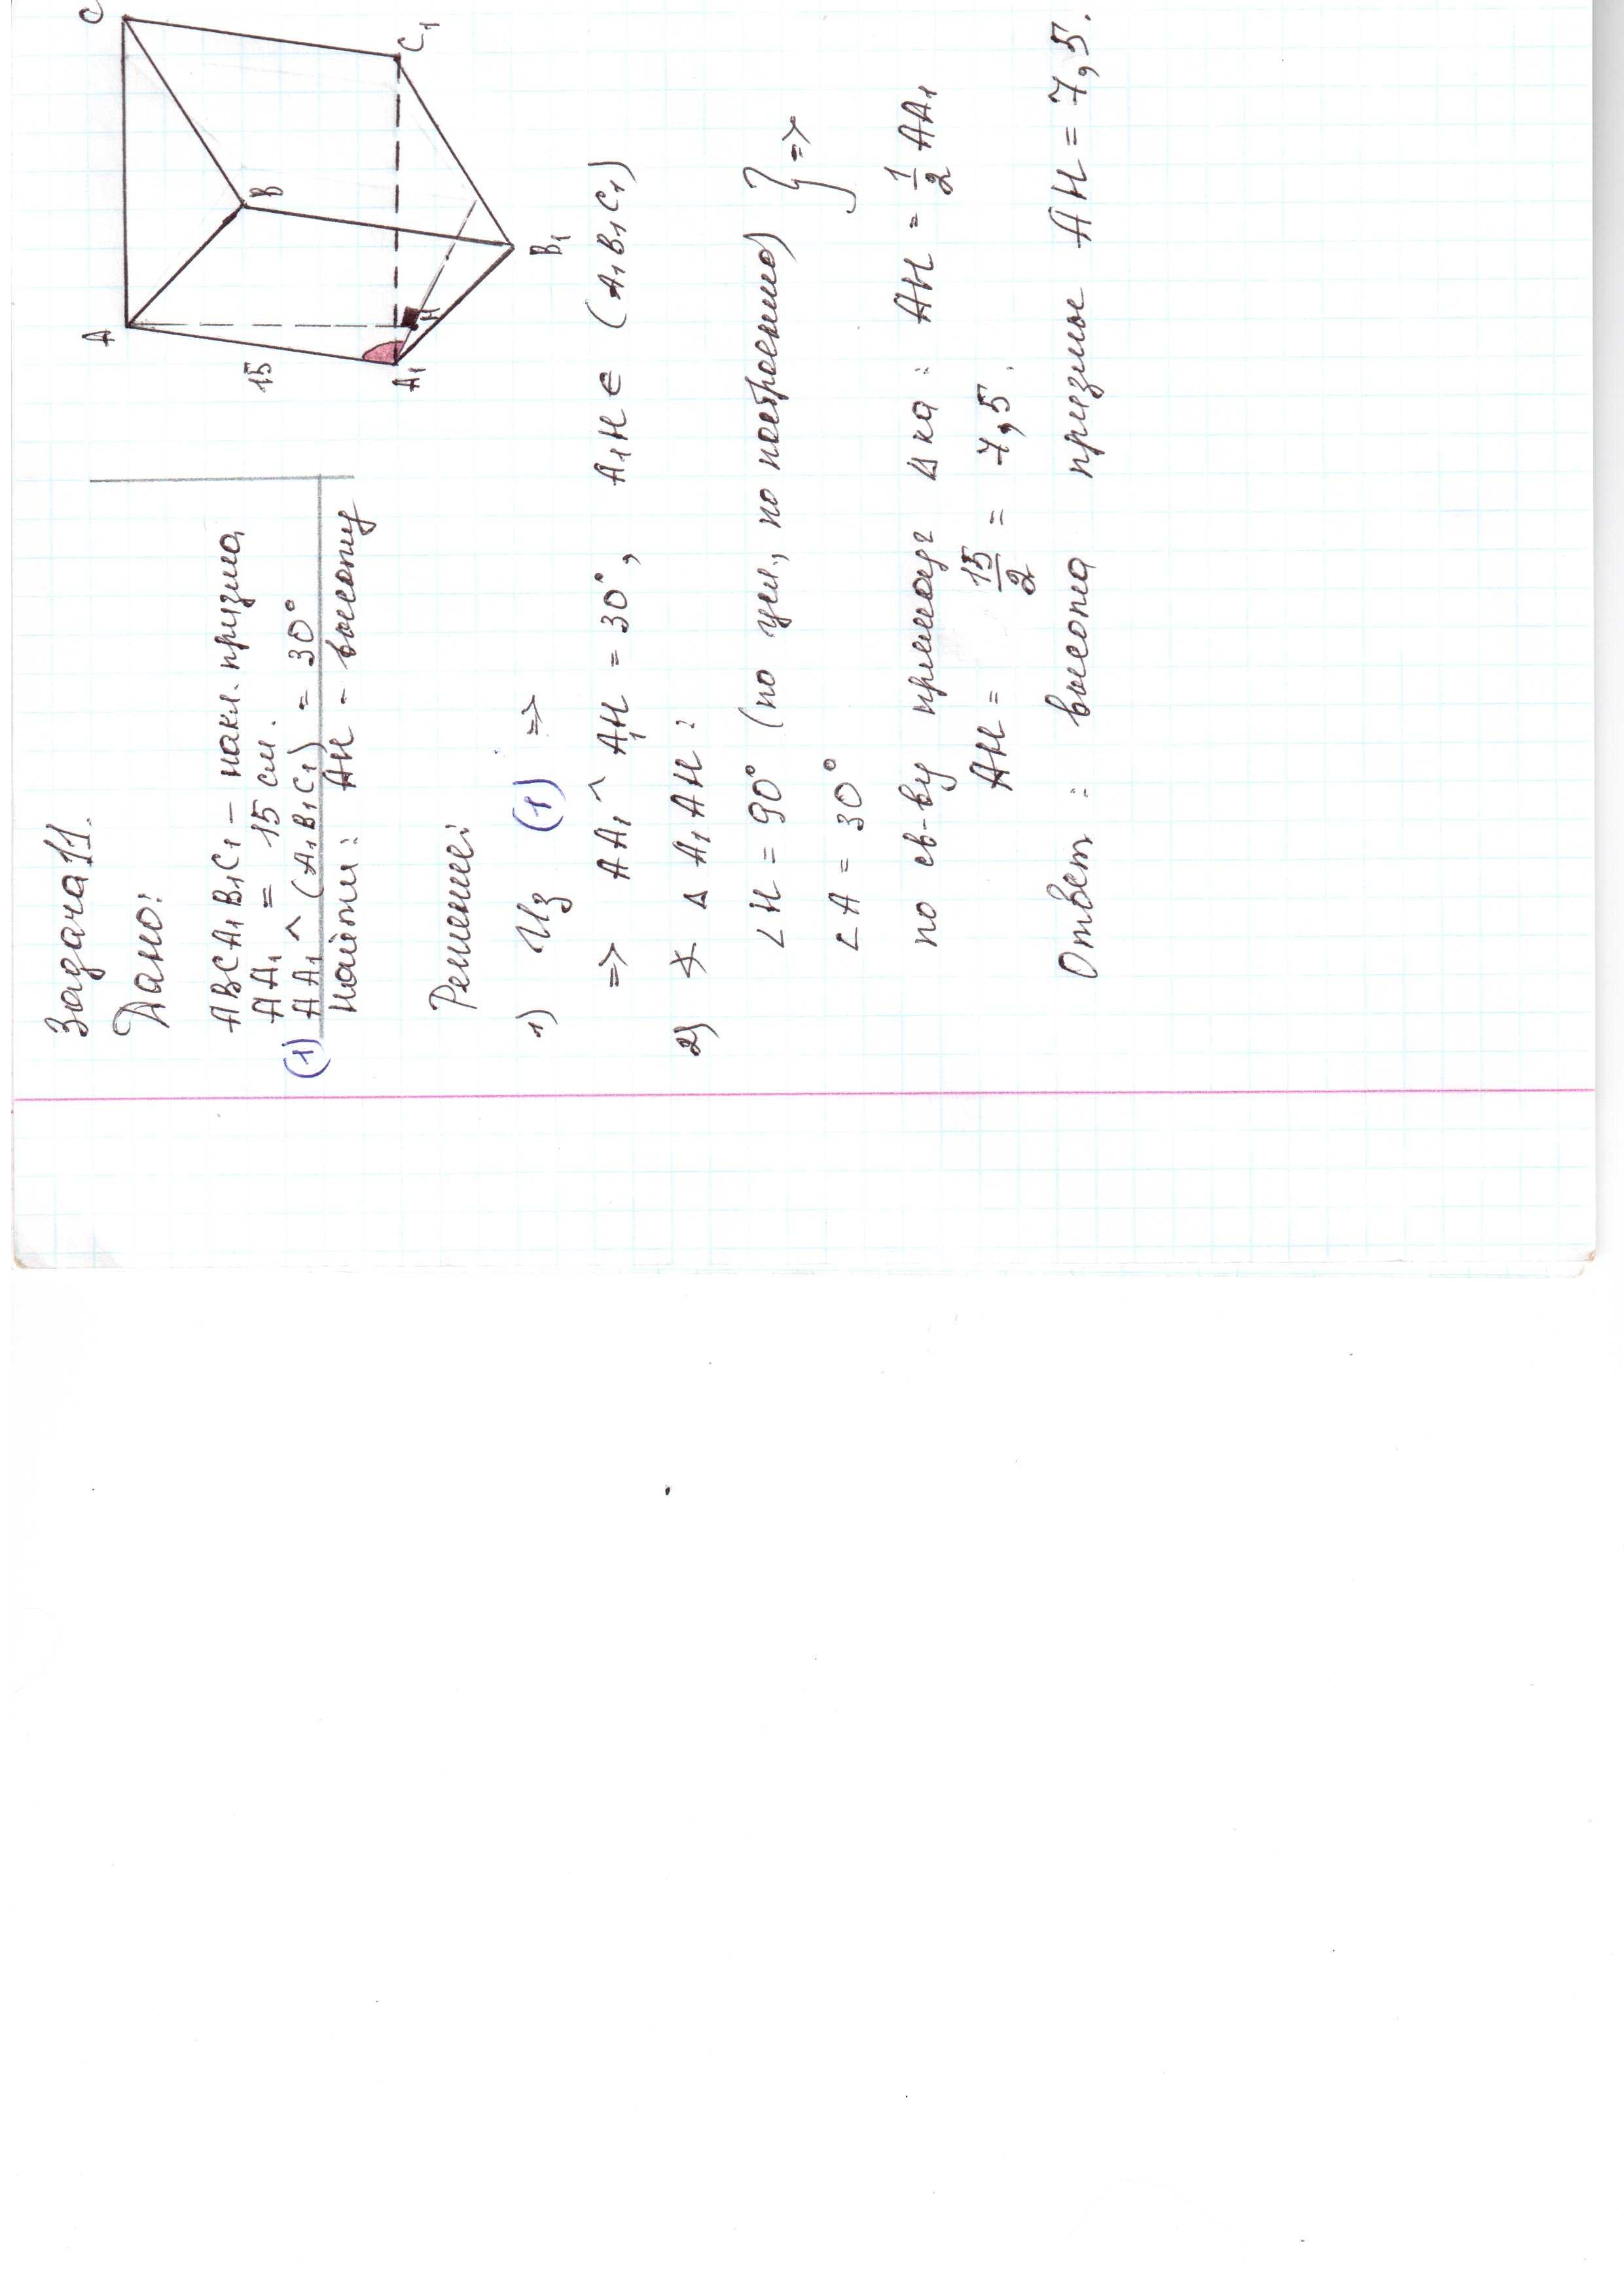 Конспект урока по геометрии содержащего творческий компонент по  hello html m446212c1 png c users Пользователь desktop 11 зад jpeg